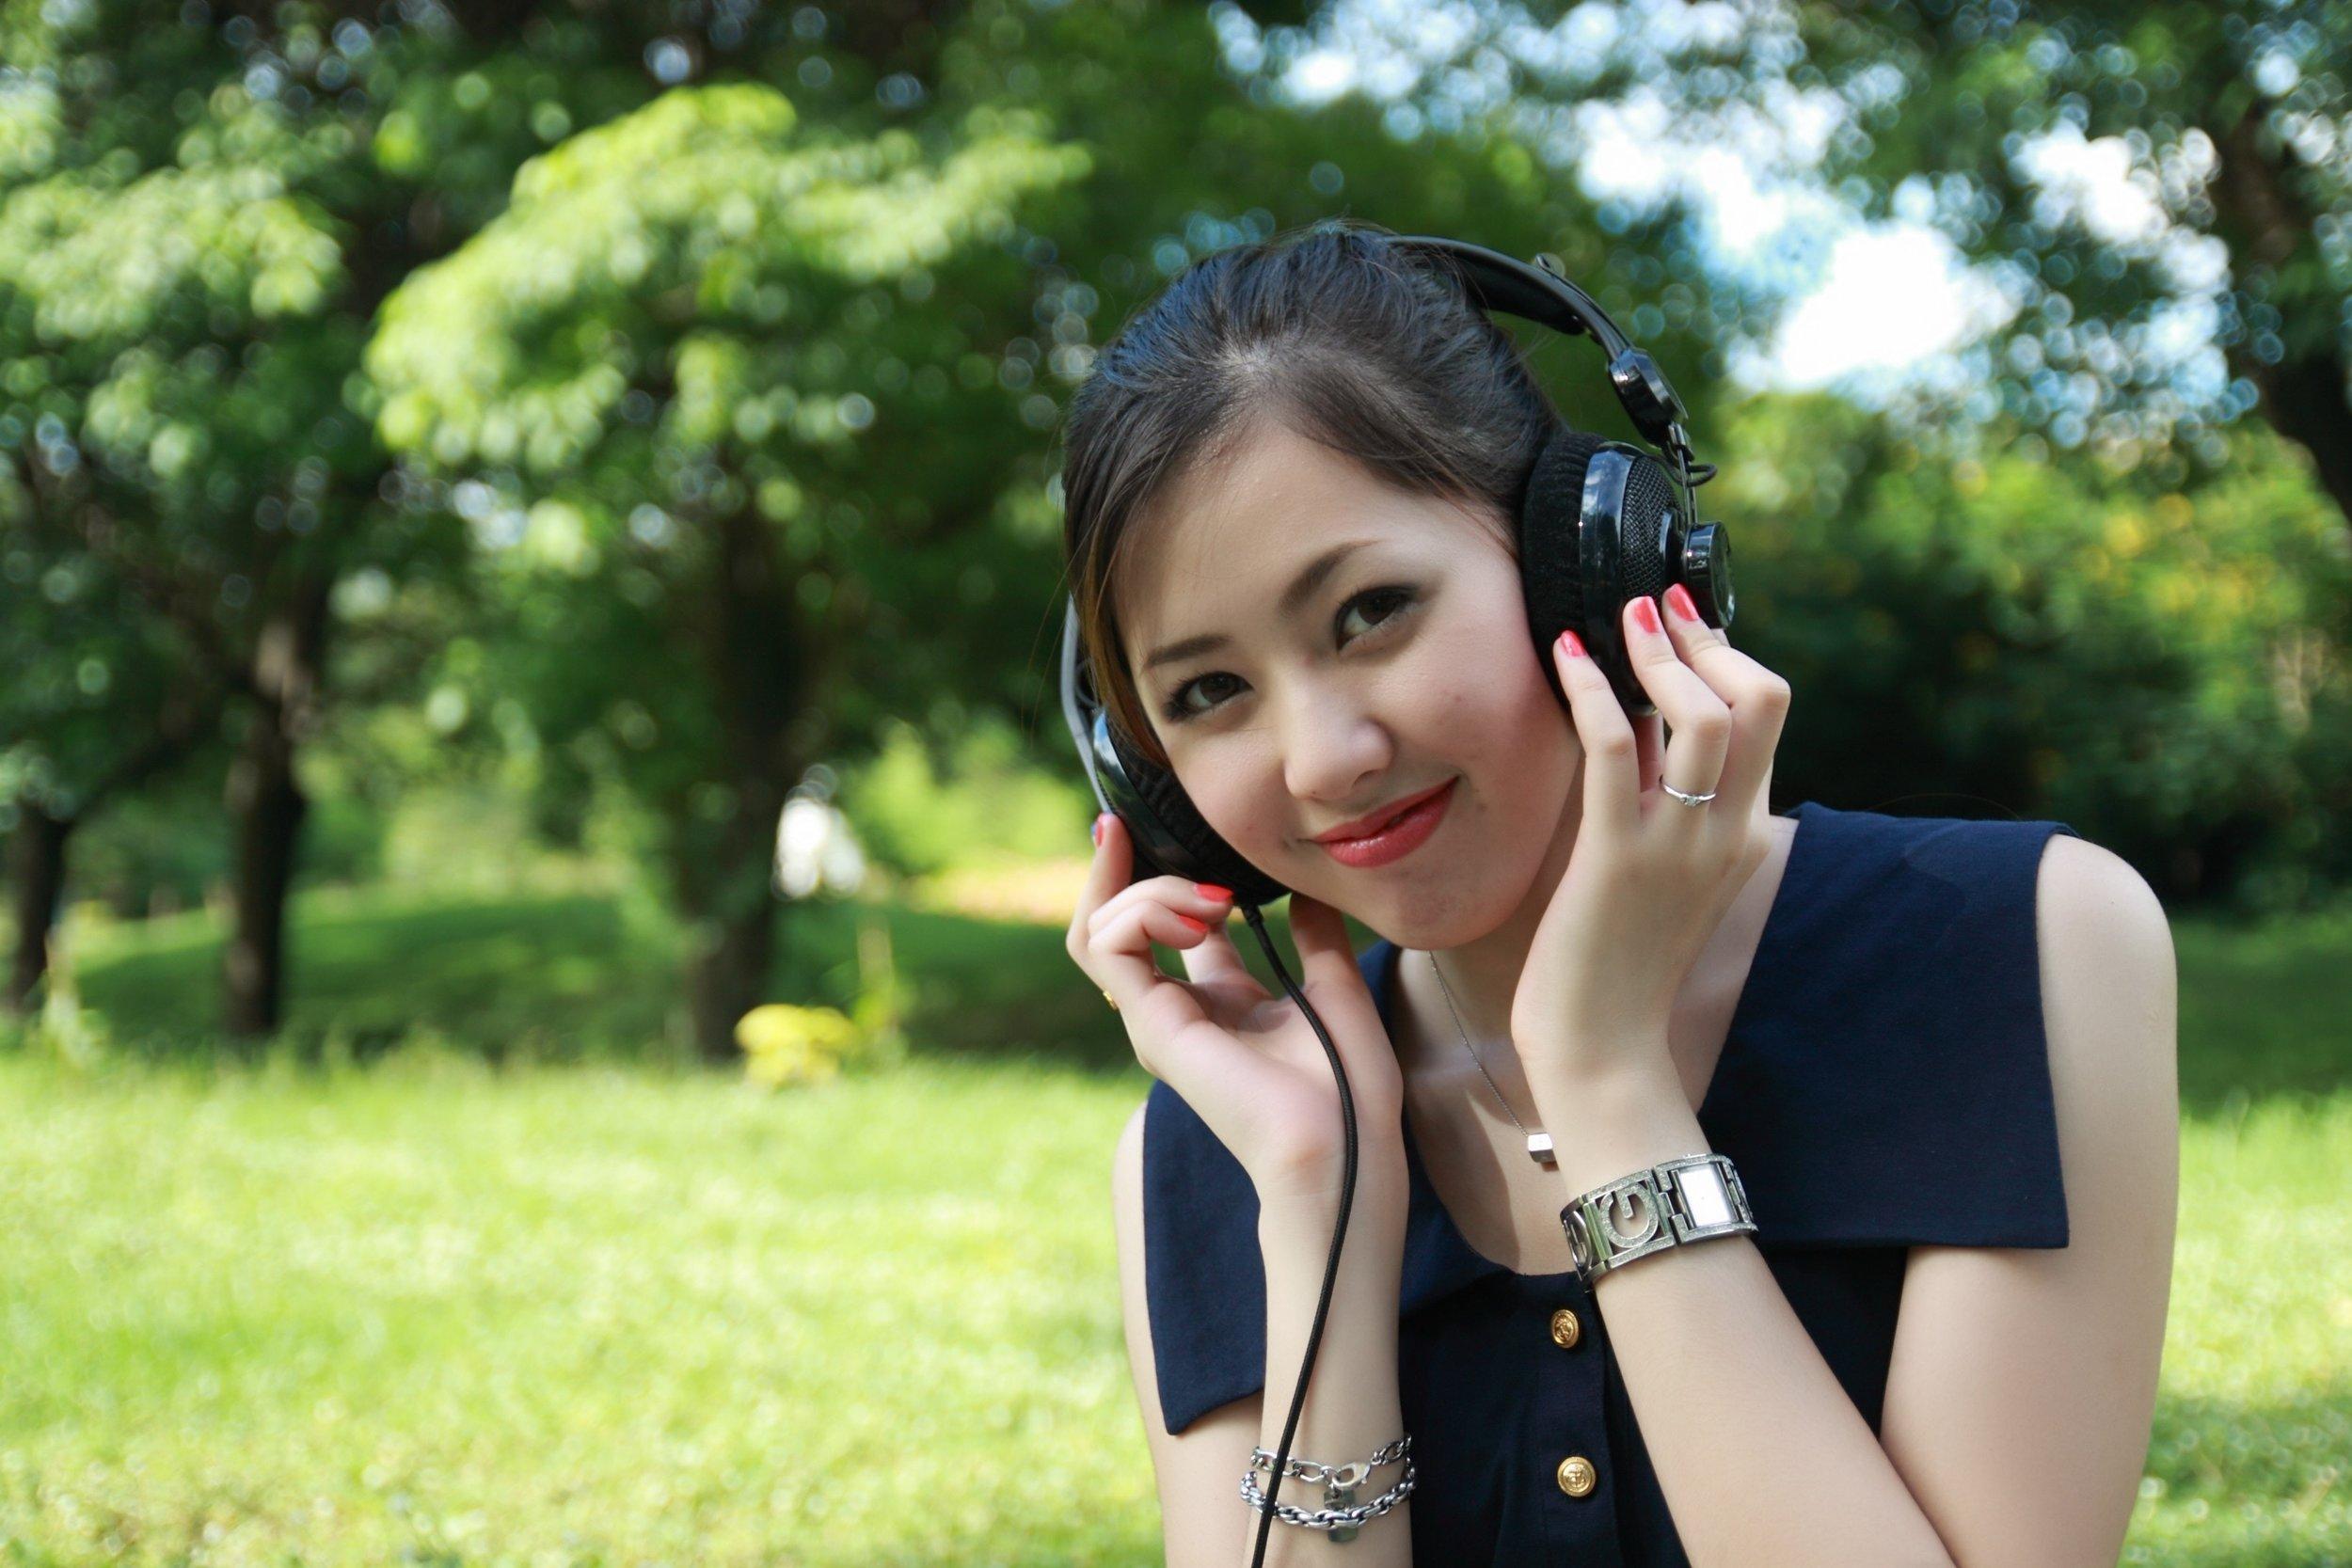 adolescent-beauty-blur-235534.jpg